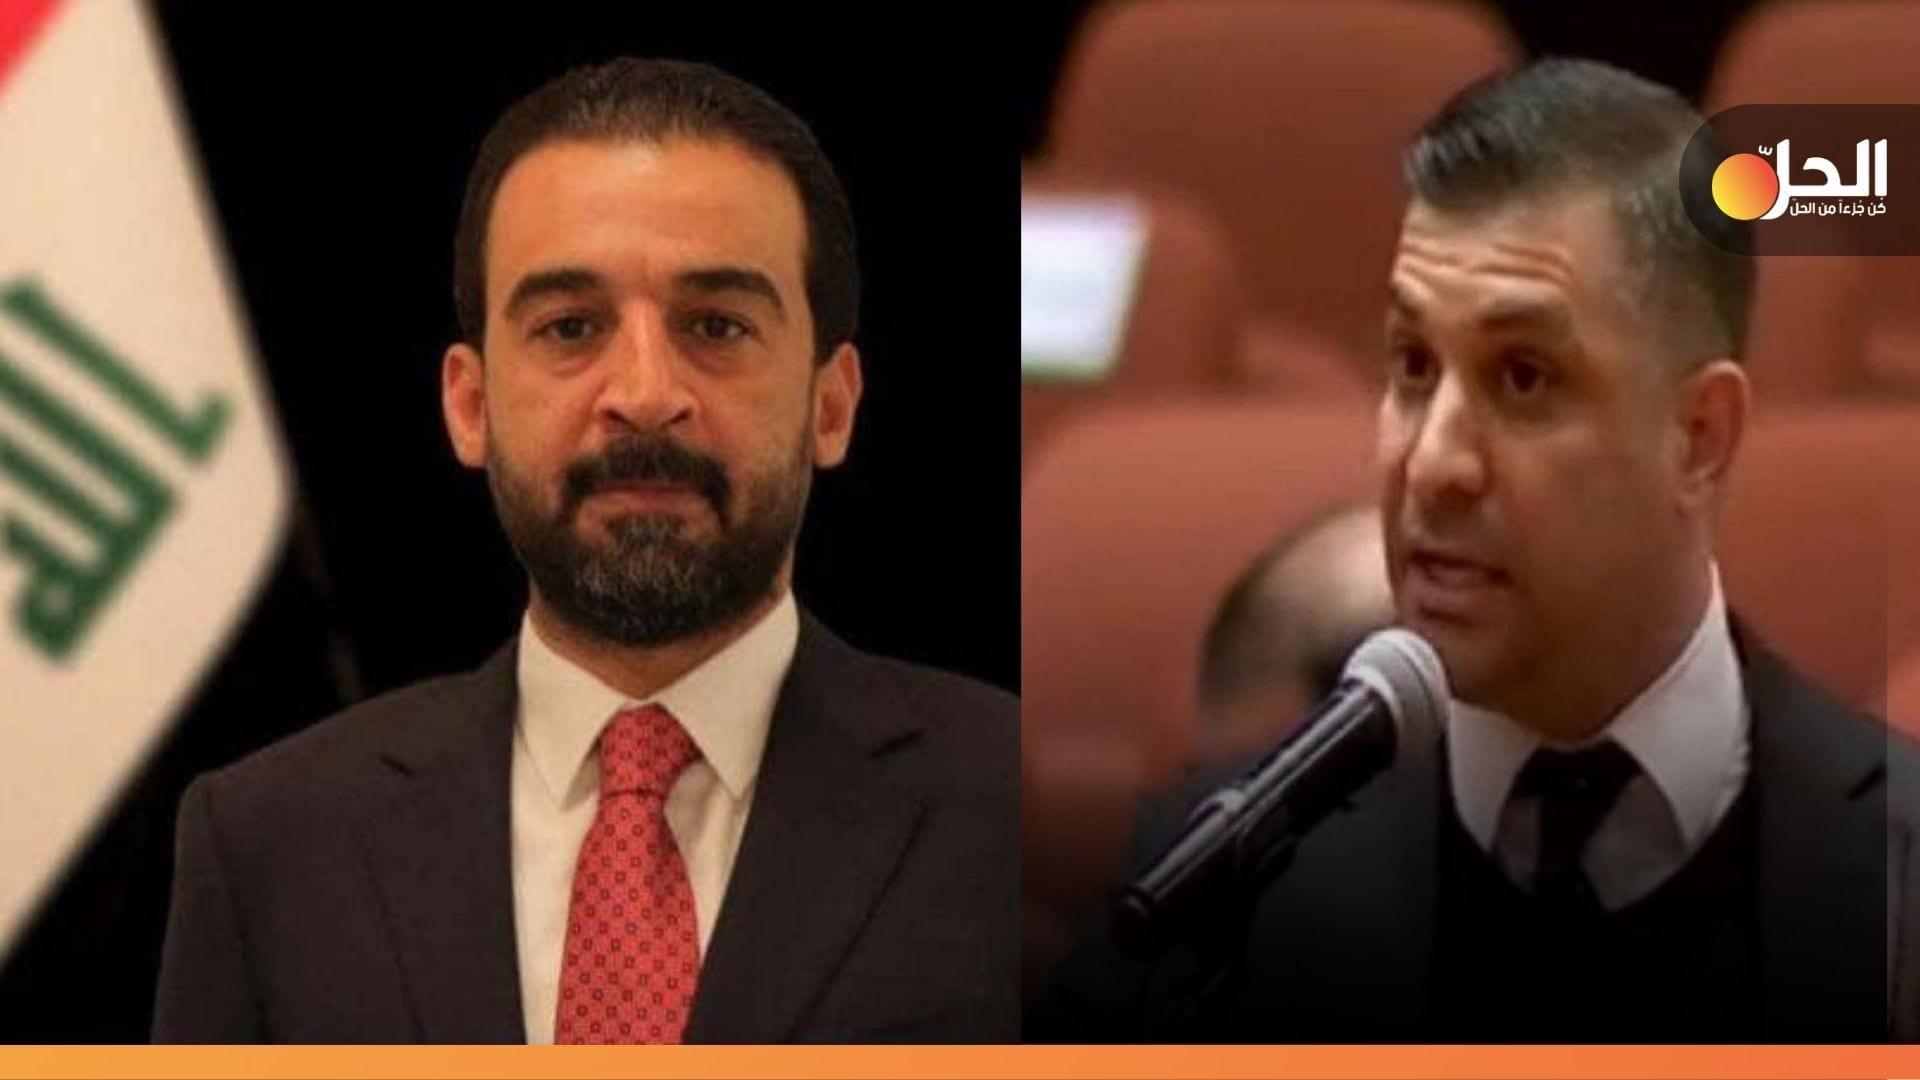 """(فيديو).. نائبٌ عراقي يُهاجم """"الحَلبوسي"""" ورئاسة البرلمان: أنتُم لا تُحاسبون النواب الفضائيين"""